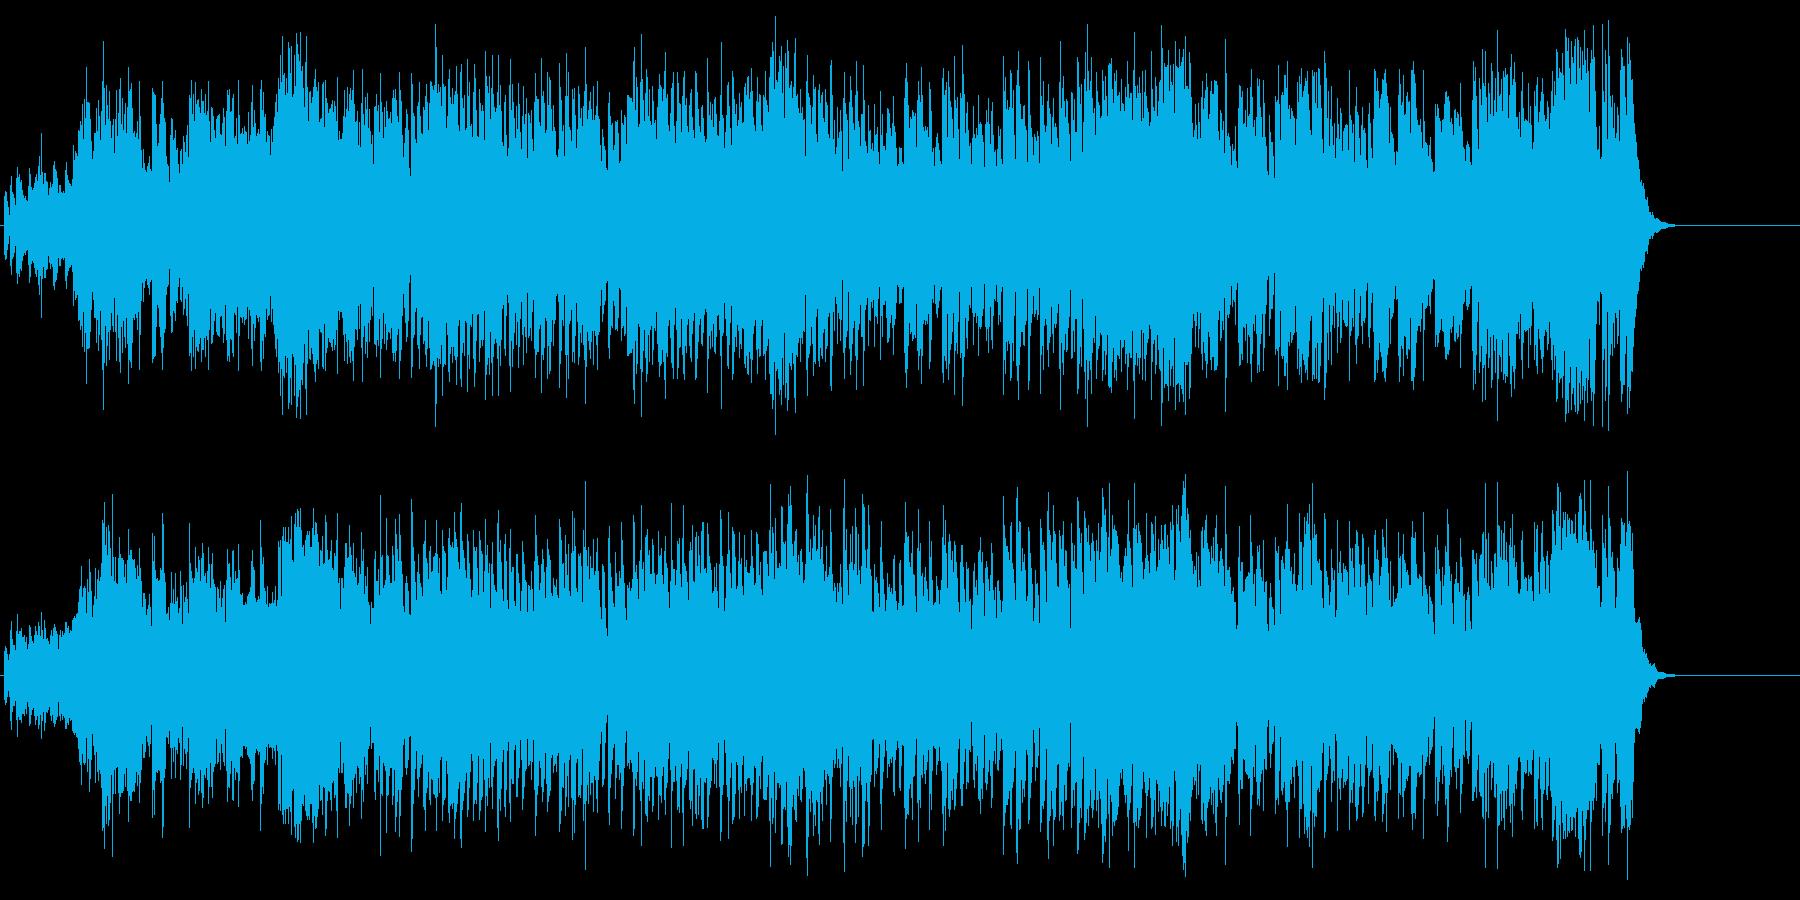 アメリカンフレーバーのストレートポップスの再生済みの波形